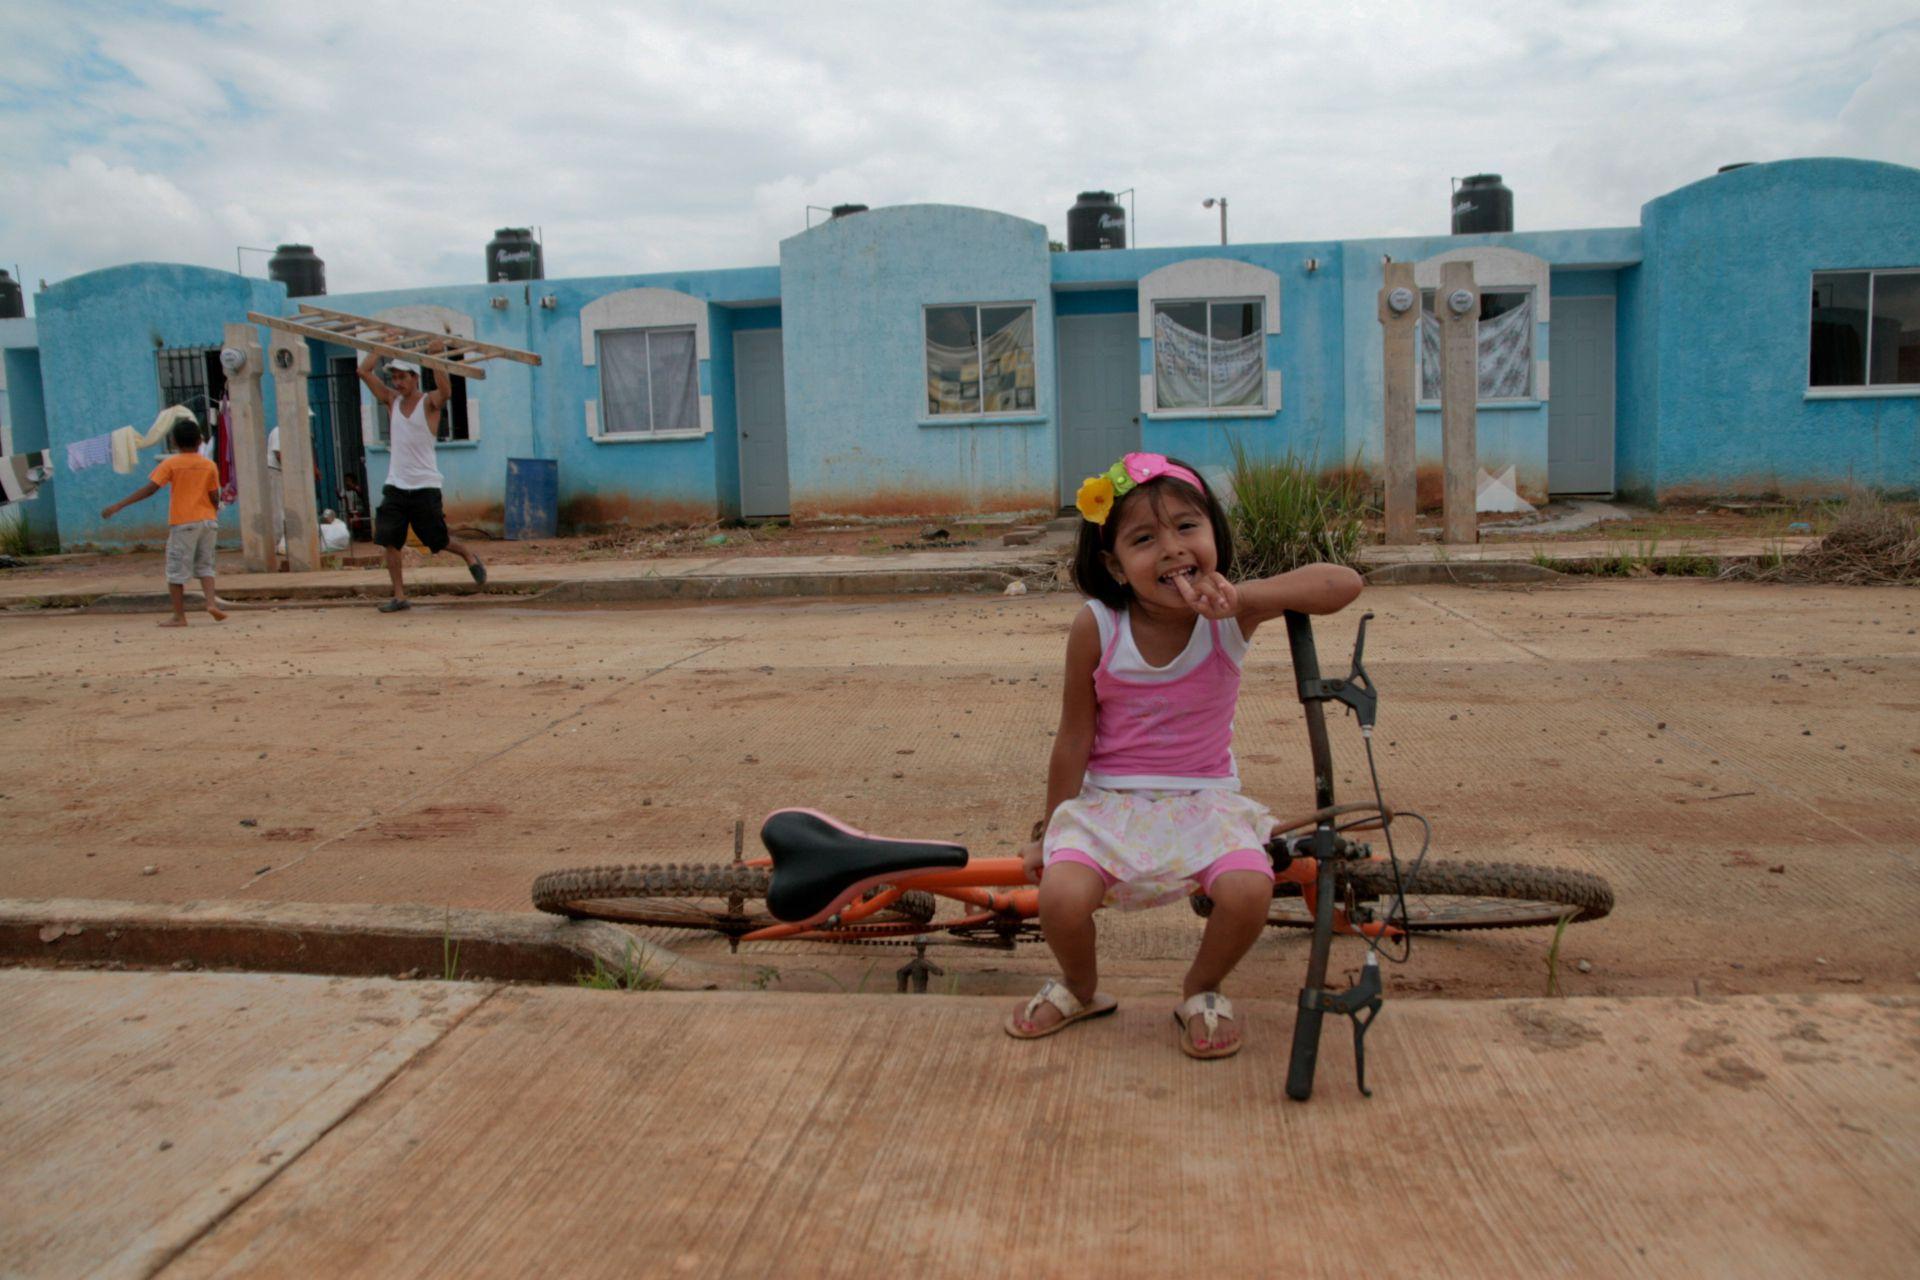 El programa tendrá como prioridad a las personas que habiten en zonas de población mayoritariamente indígena y afromexicana, zonas con mayor grado de marginación o zonas con altos índices de violencia (FOTO: MARCO POLO GUZMAN HERNANDEZ/CUARTOSCURO.COM)